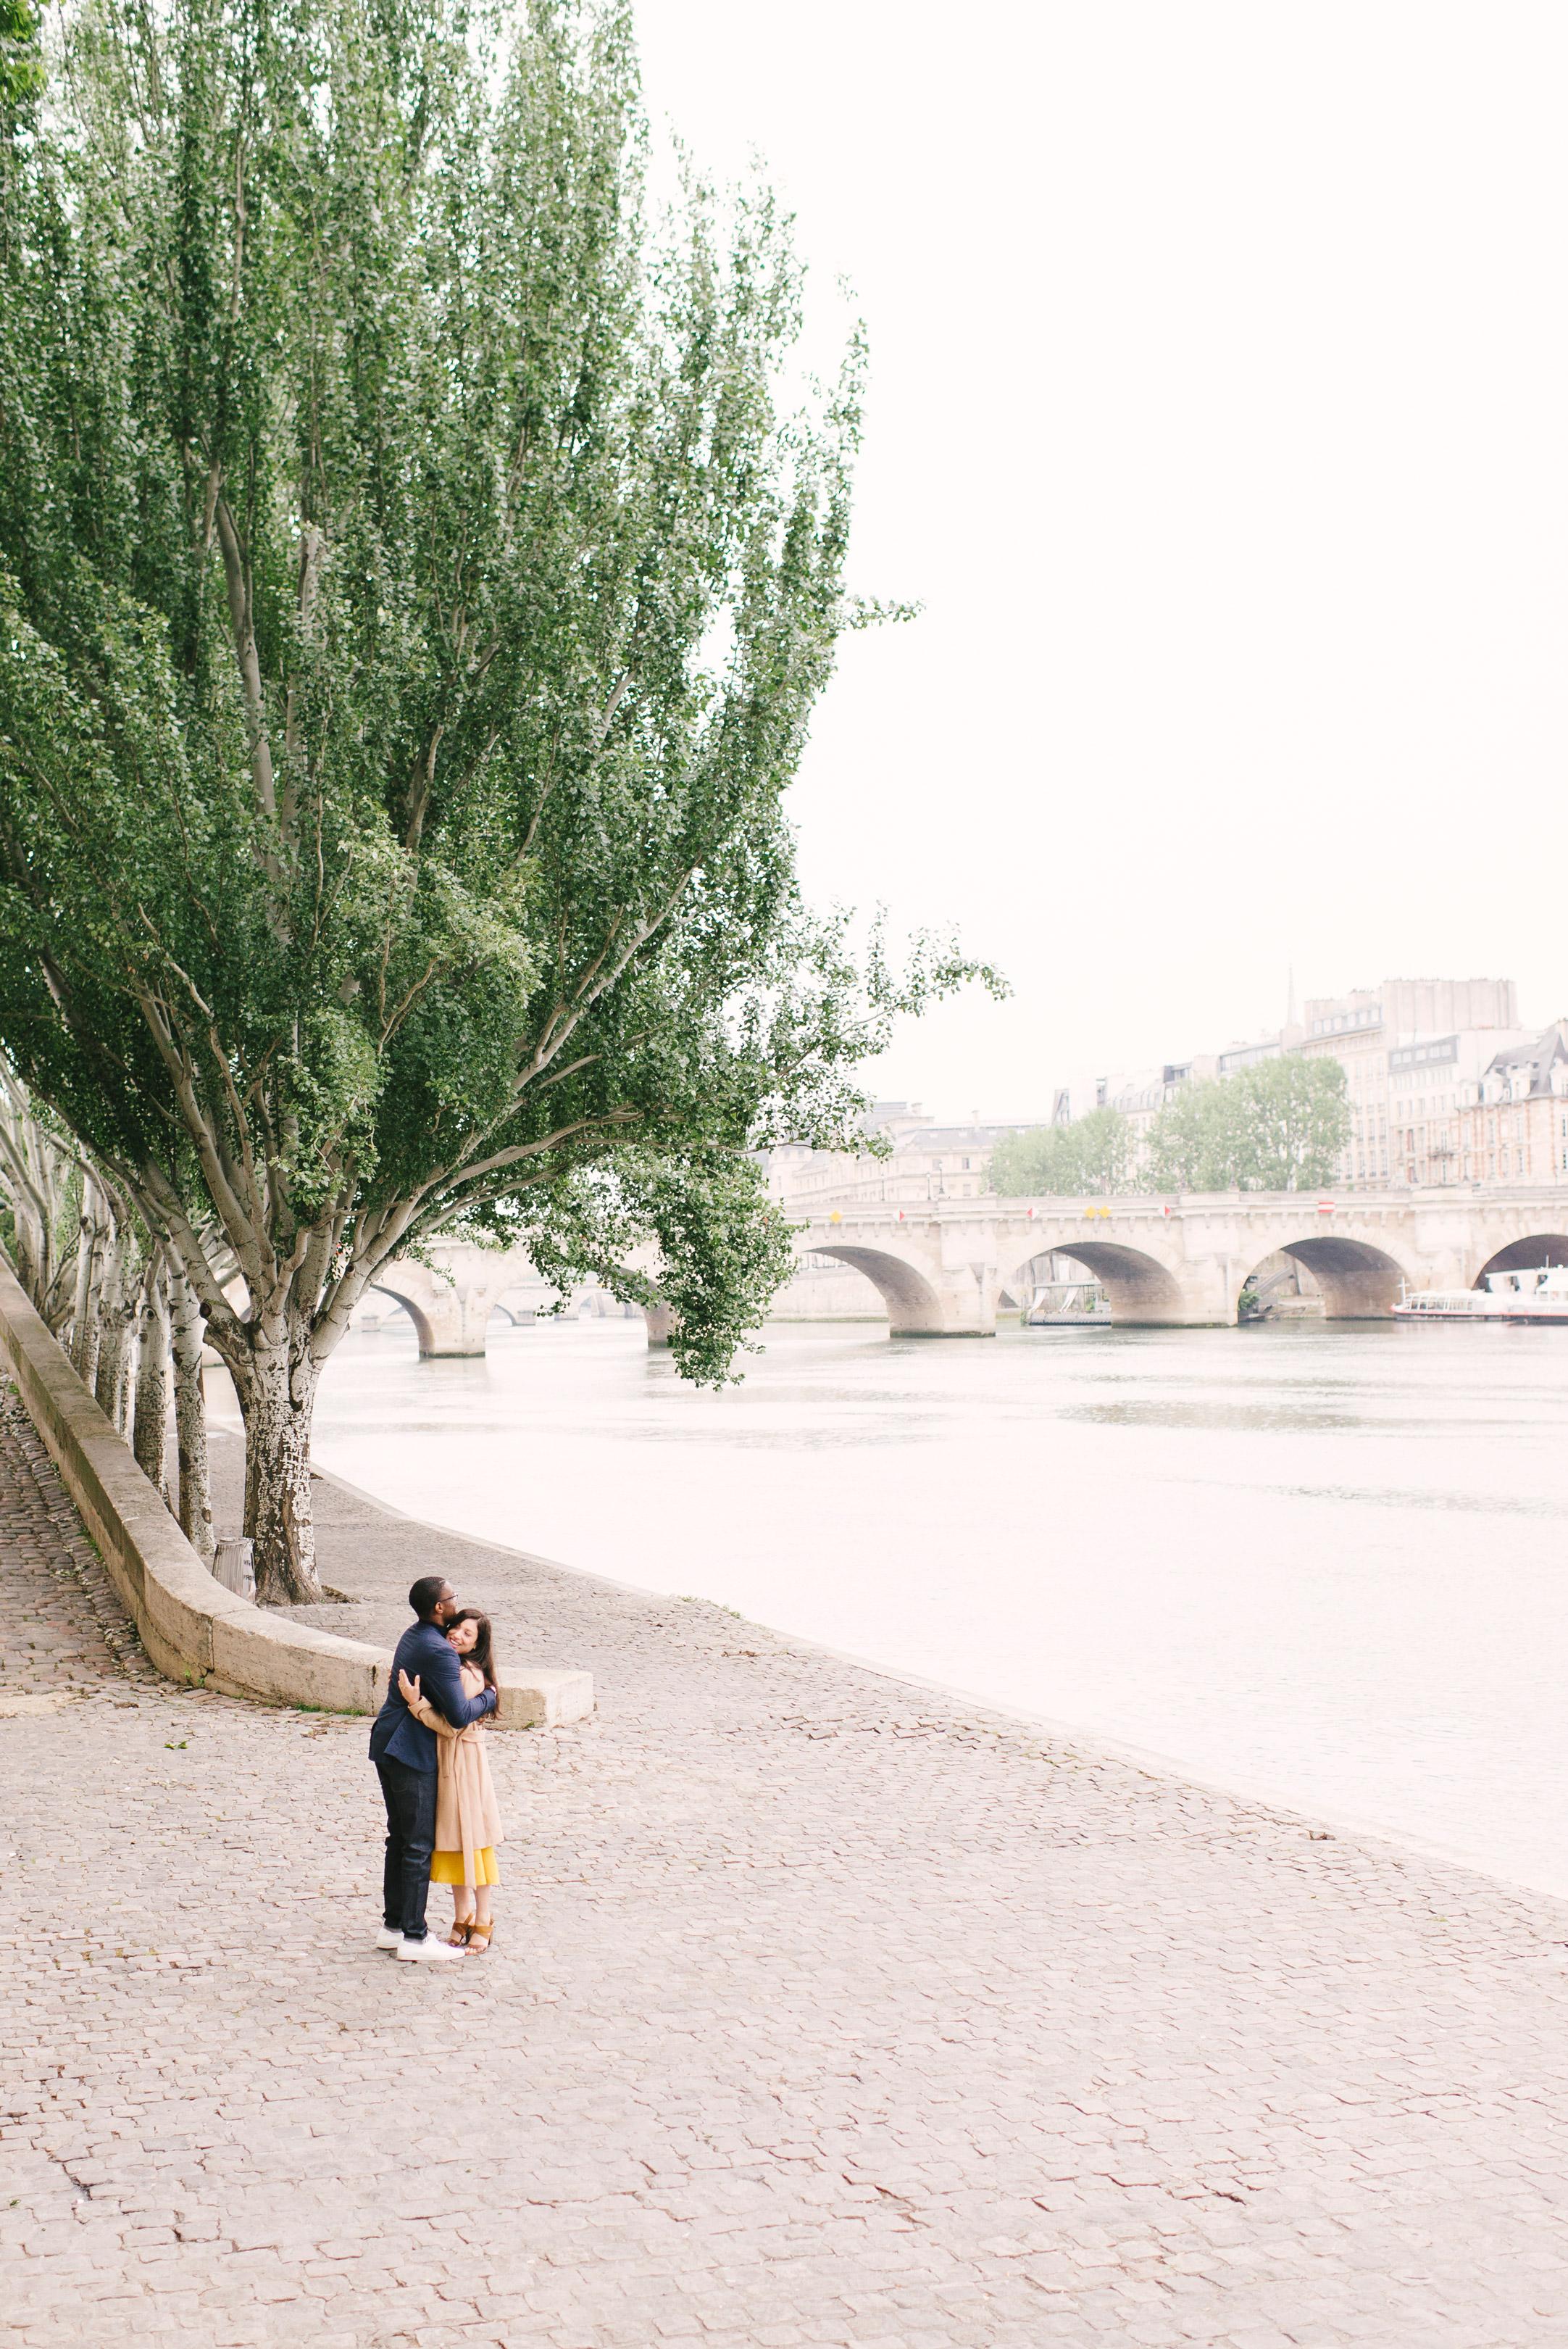 Couple-photoshoot-Paris-Pont-des-arts-Louvre-PalaisRoyale-003.jpg